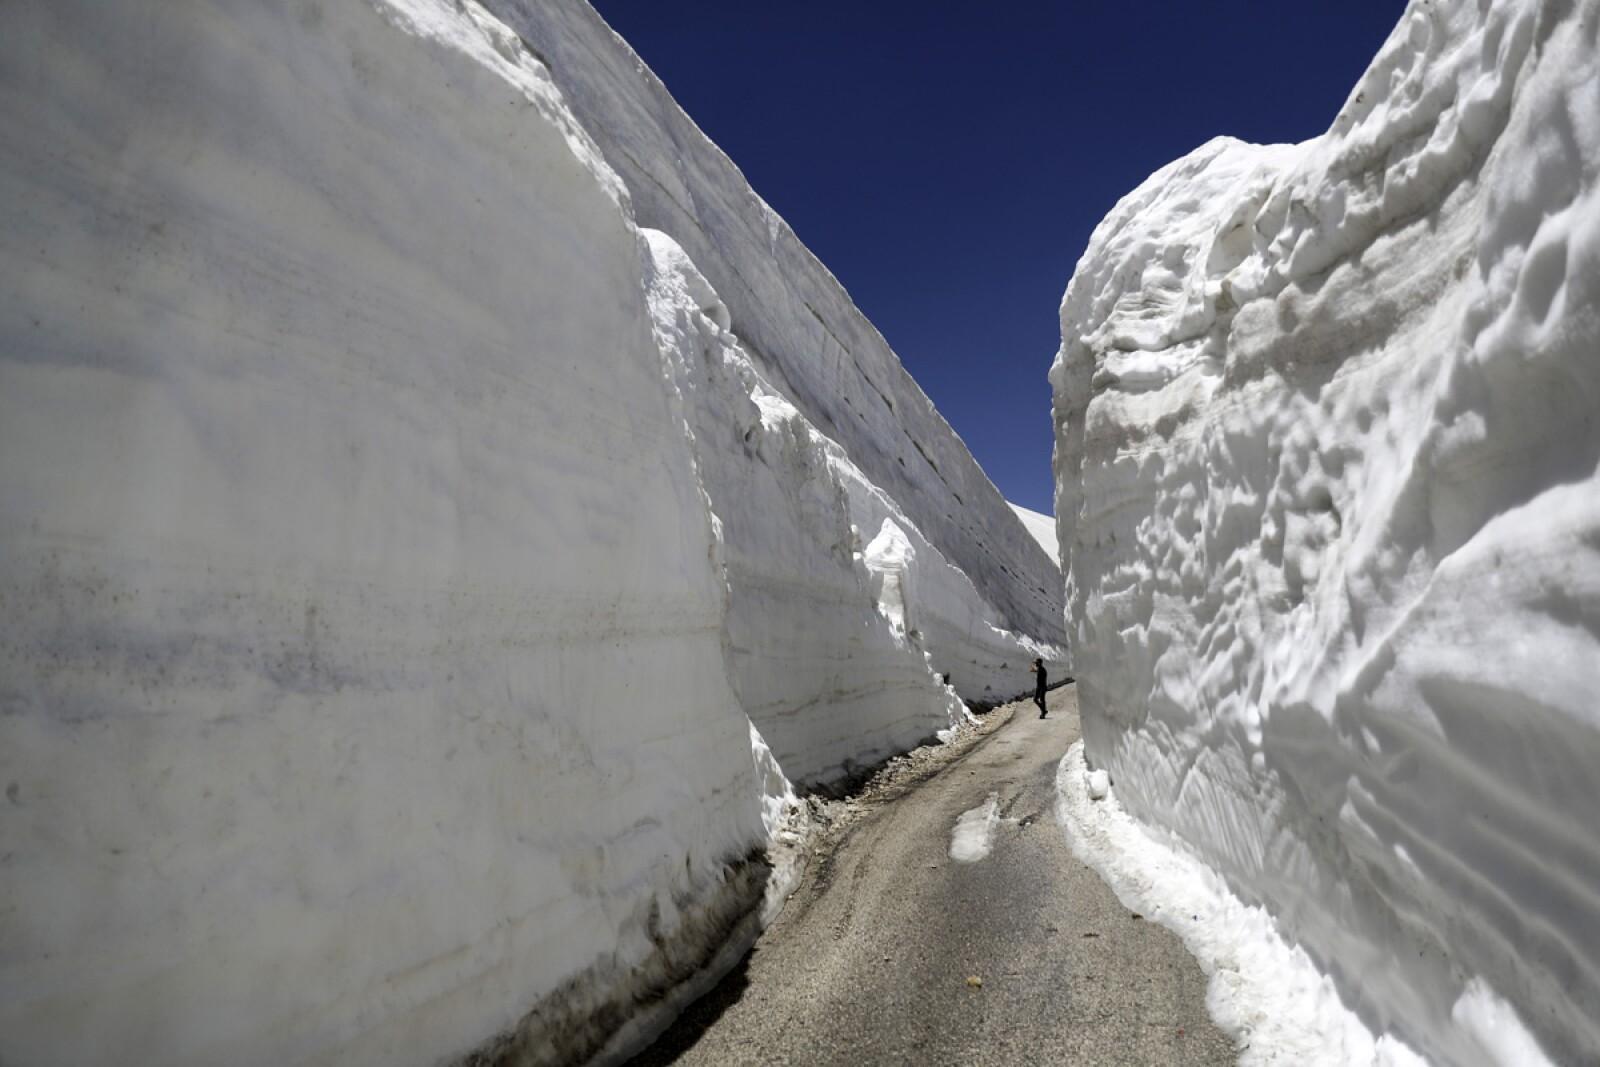 Muros de Nieve